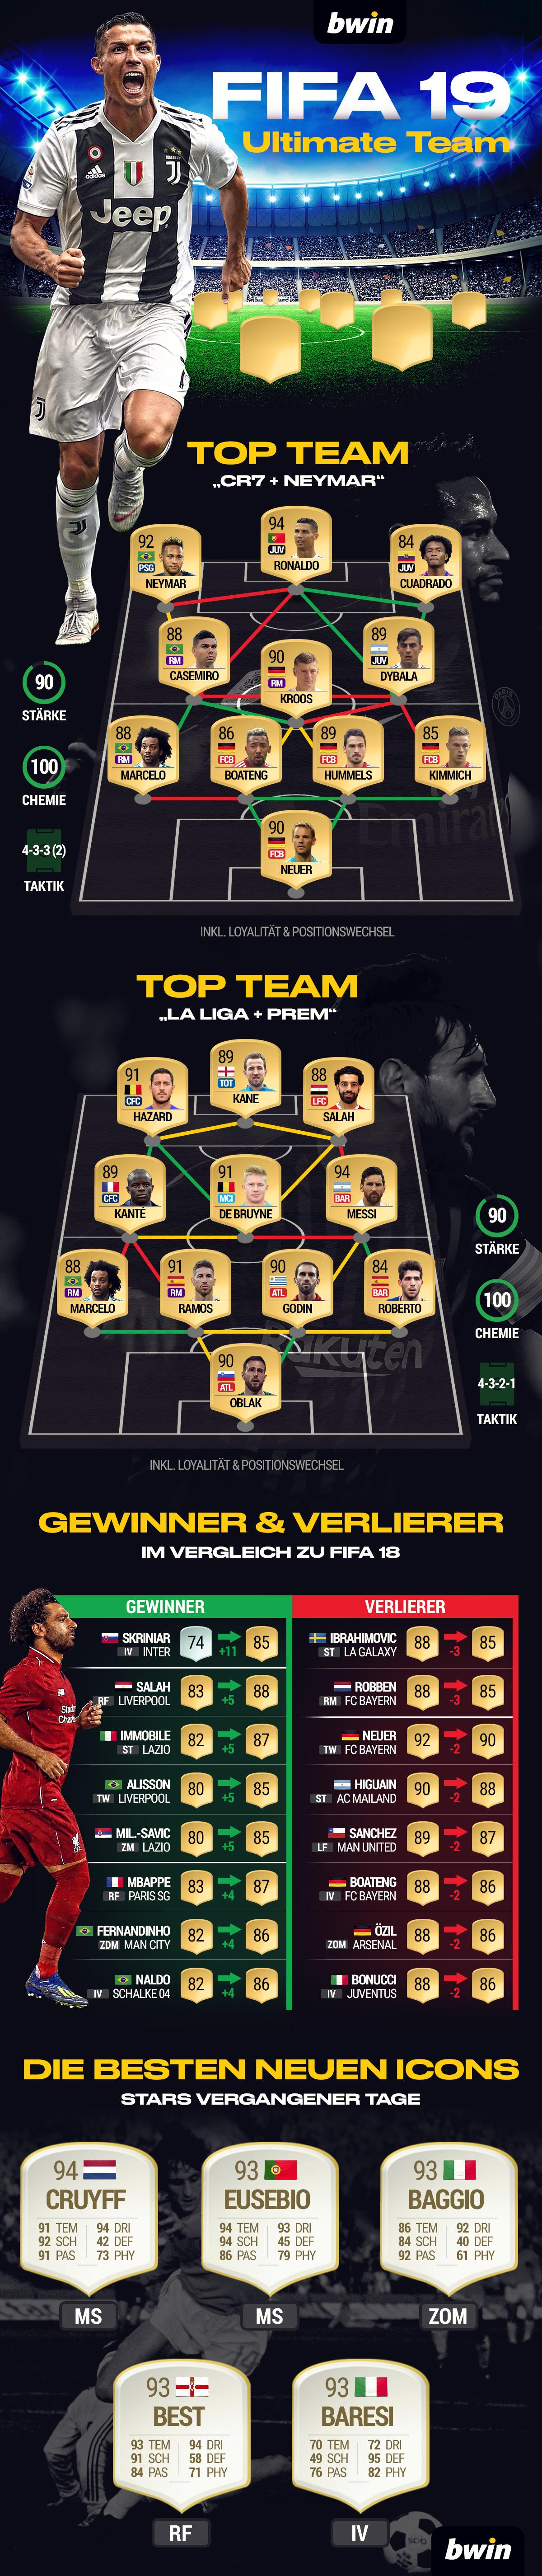 Fifa 19 Ultimate Team Top Teams Gewinner Verlierer Beste Neue